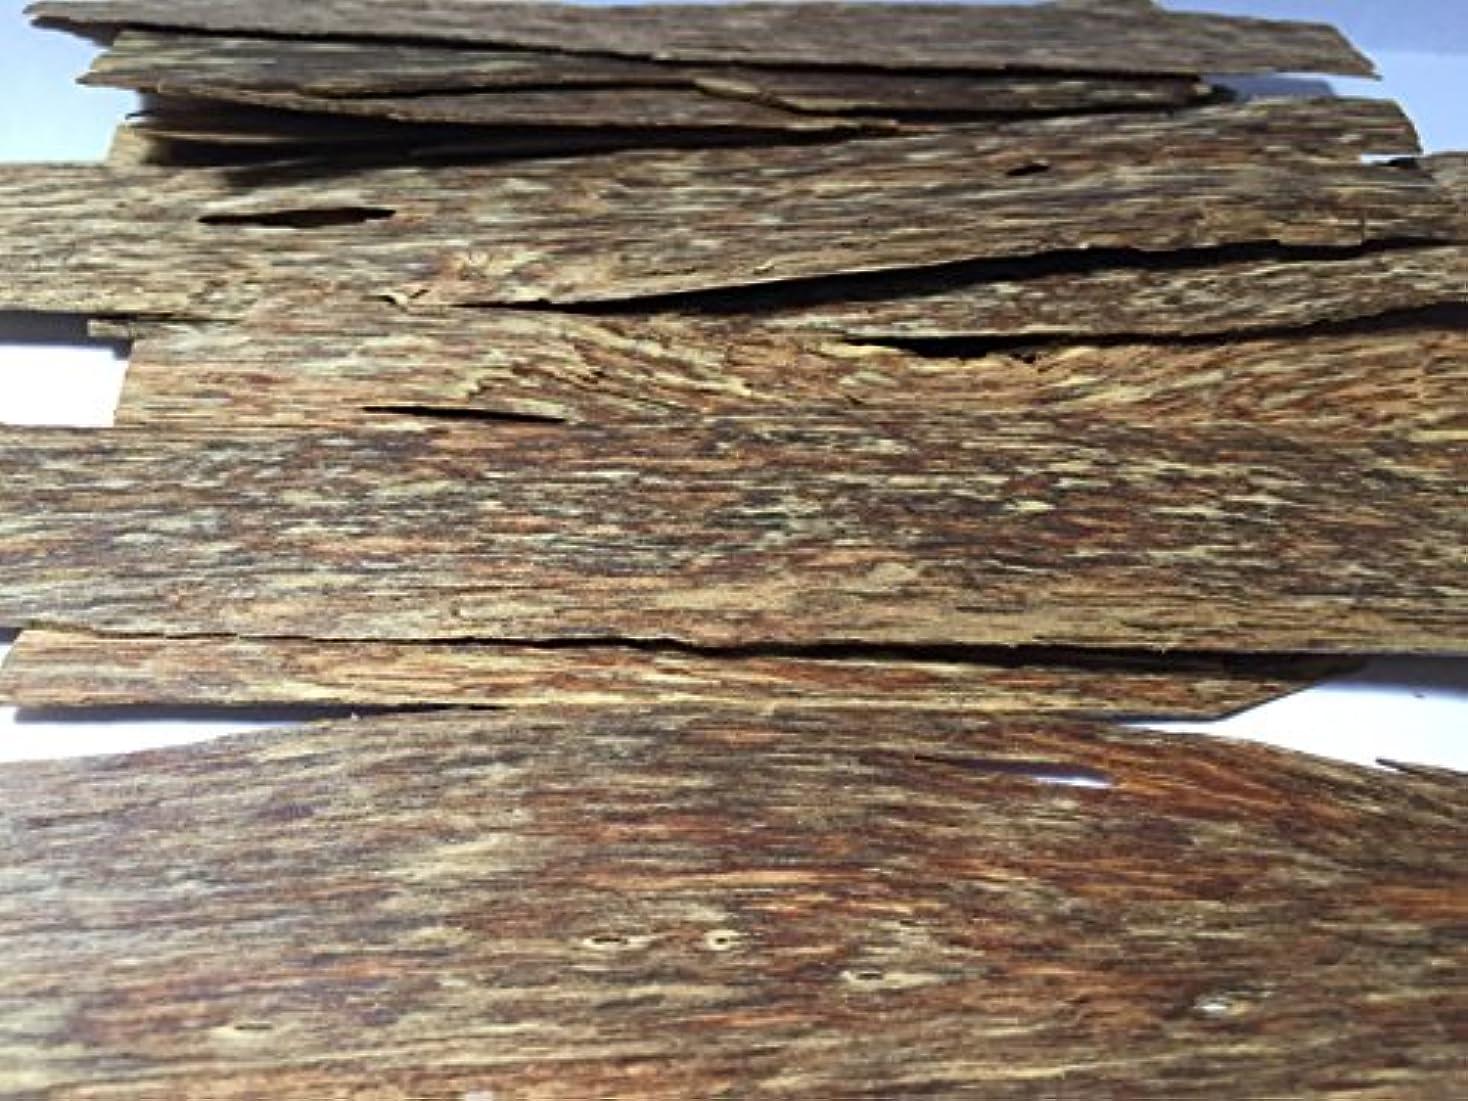 領事館ジョリーたぶんoudwoodvietnam. Com元Natural Wild Agarwood OudチップGrade A + | 2 kgお香アロマ